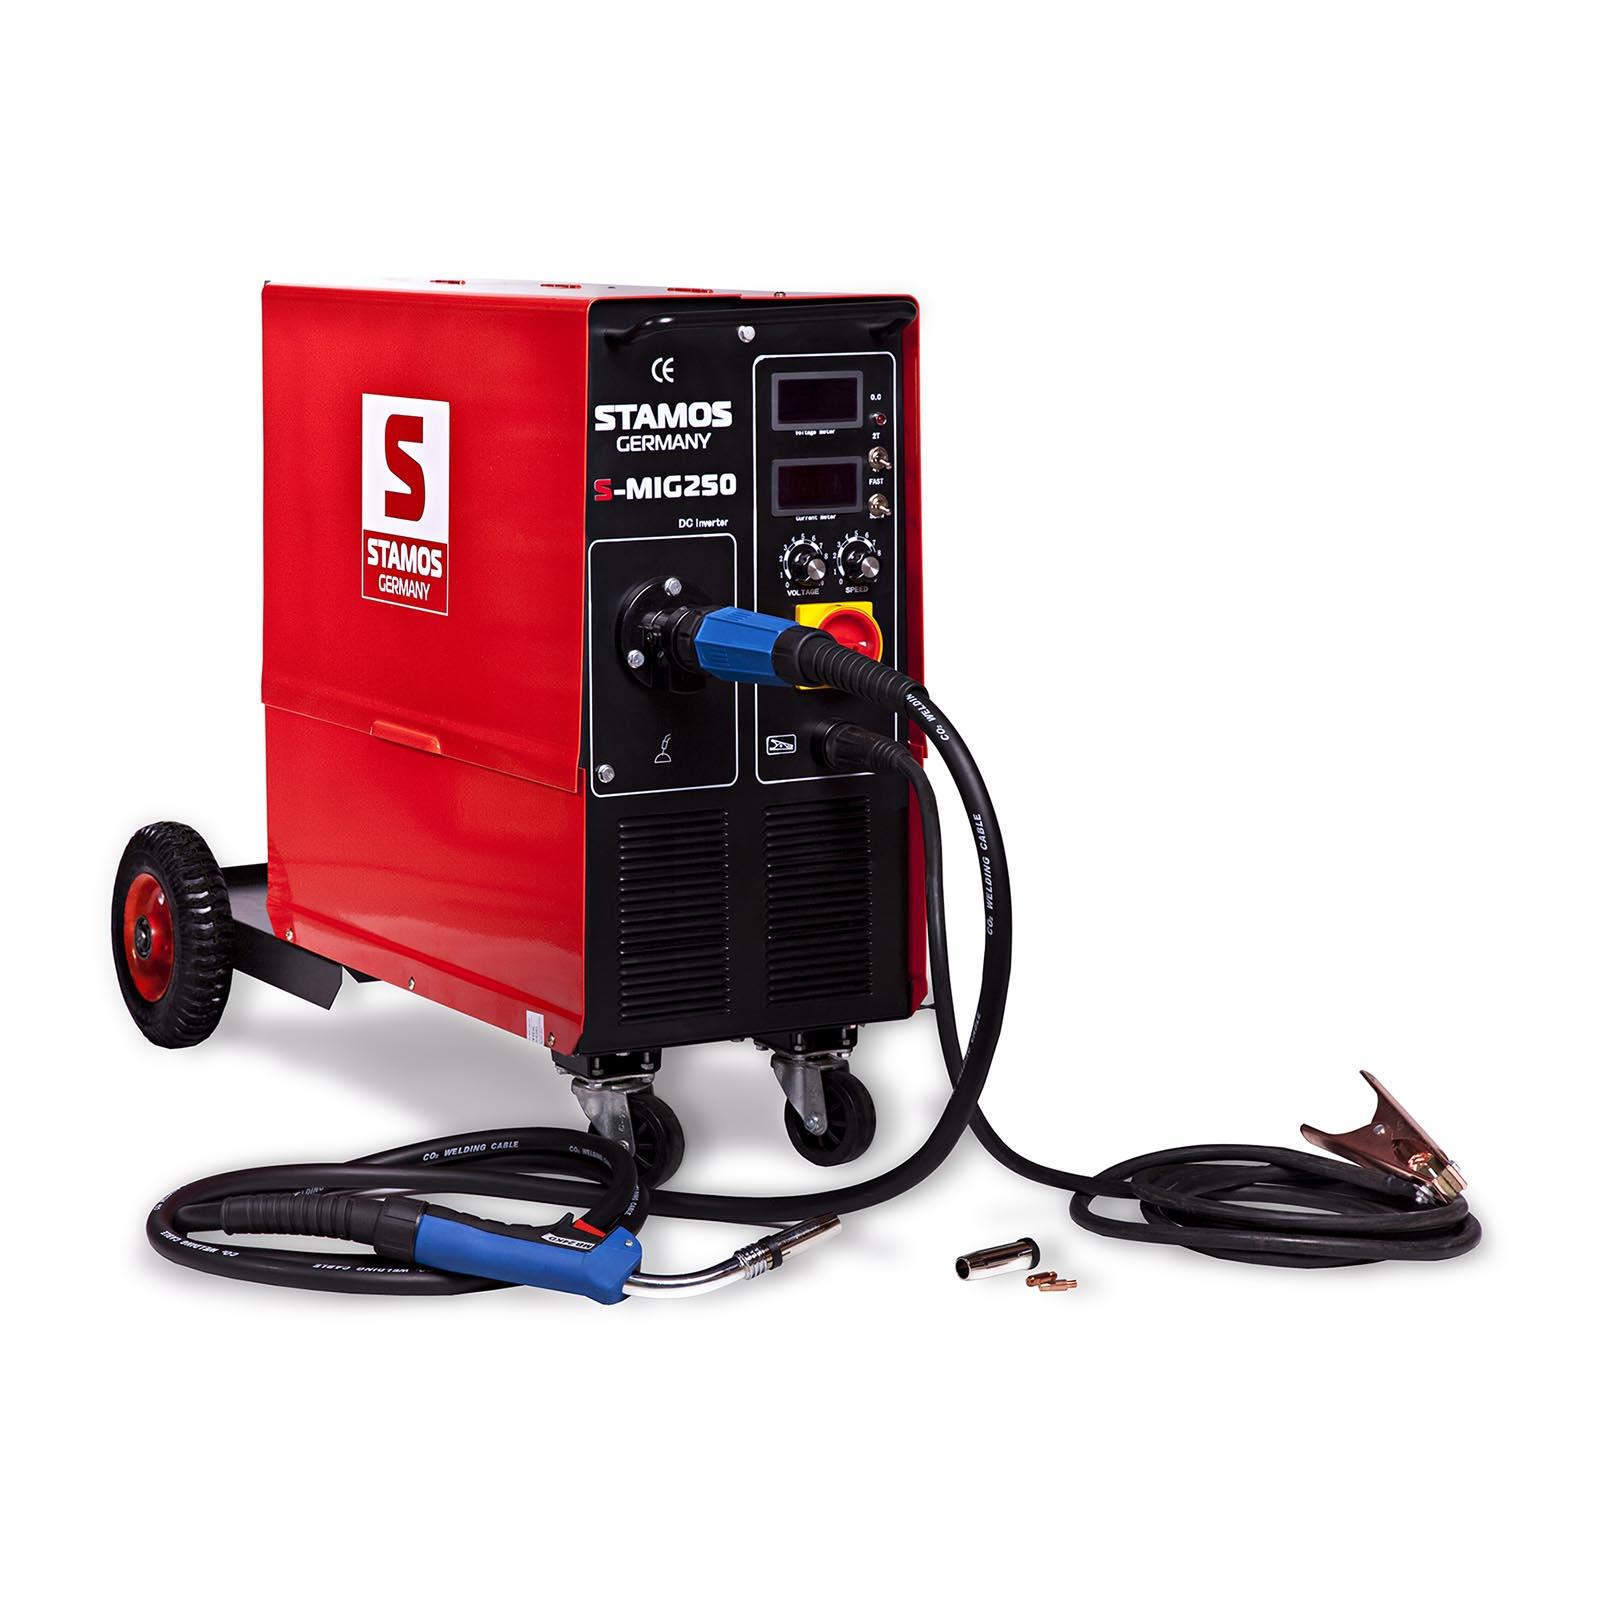 Stamos Basic MIG-/MAG-Schweißgerät - 250 A - 400 V - ED 60 % - mit Wagen 10020021